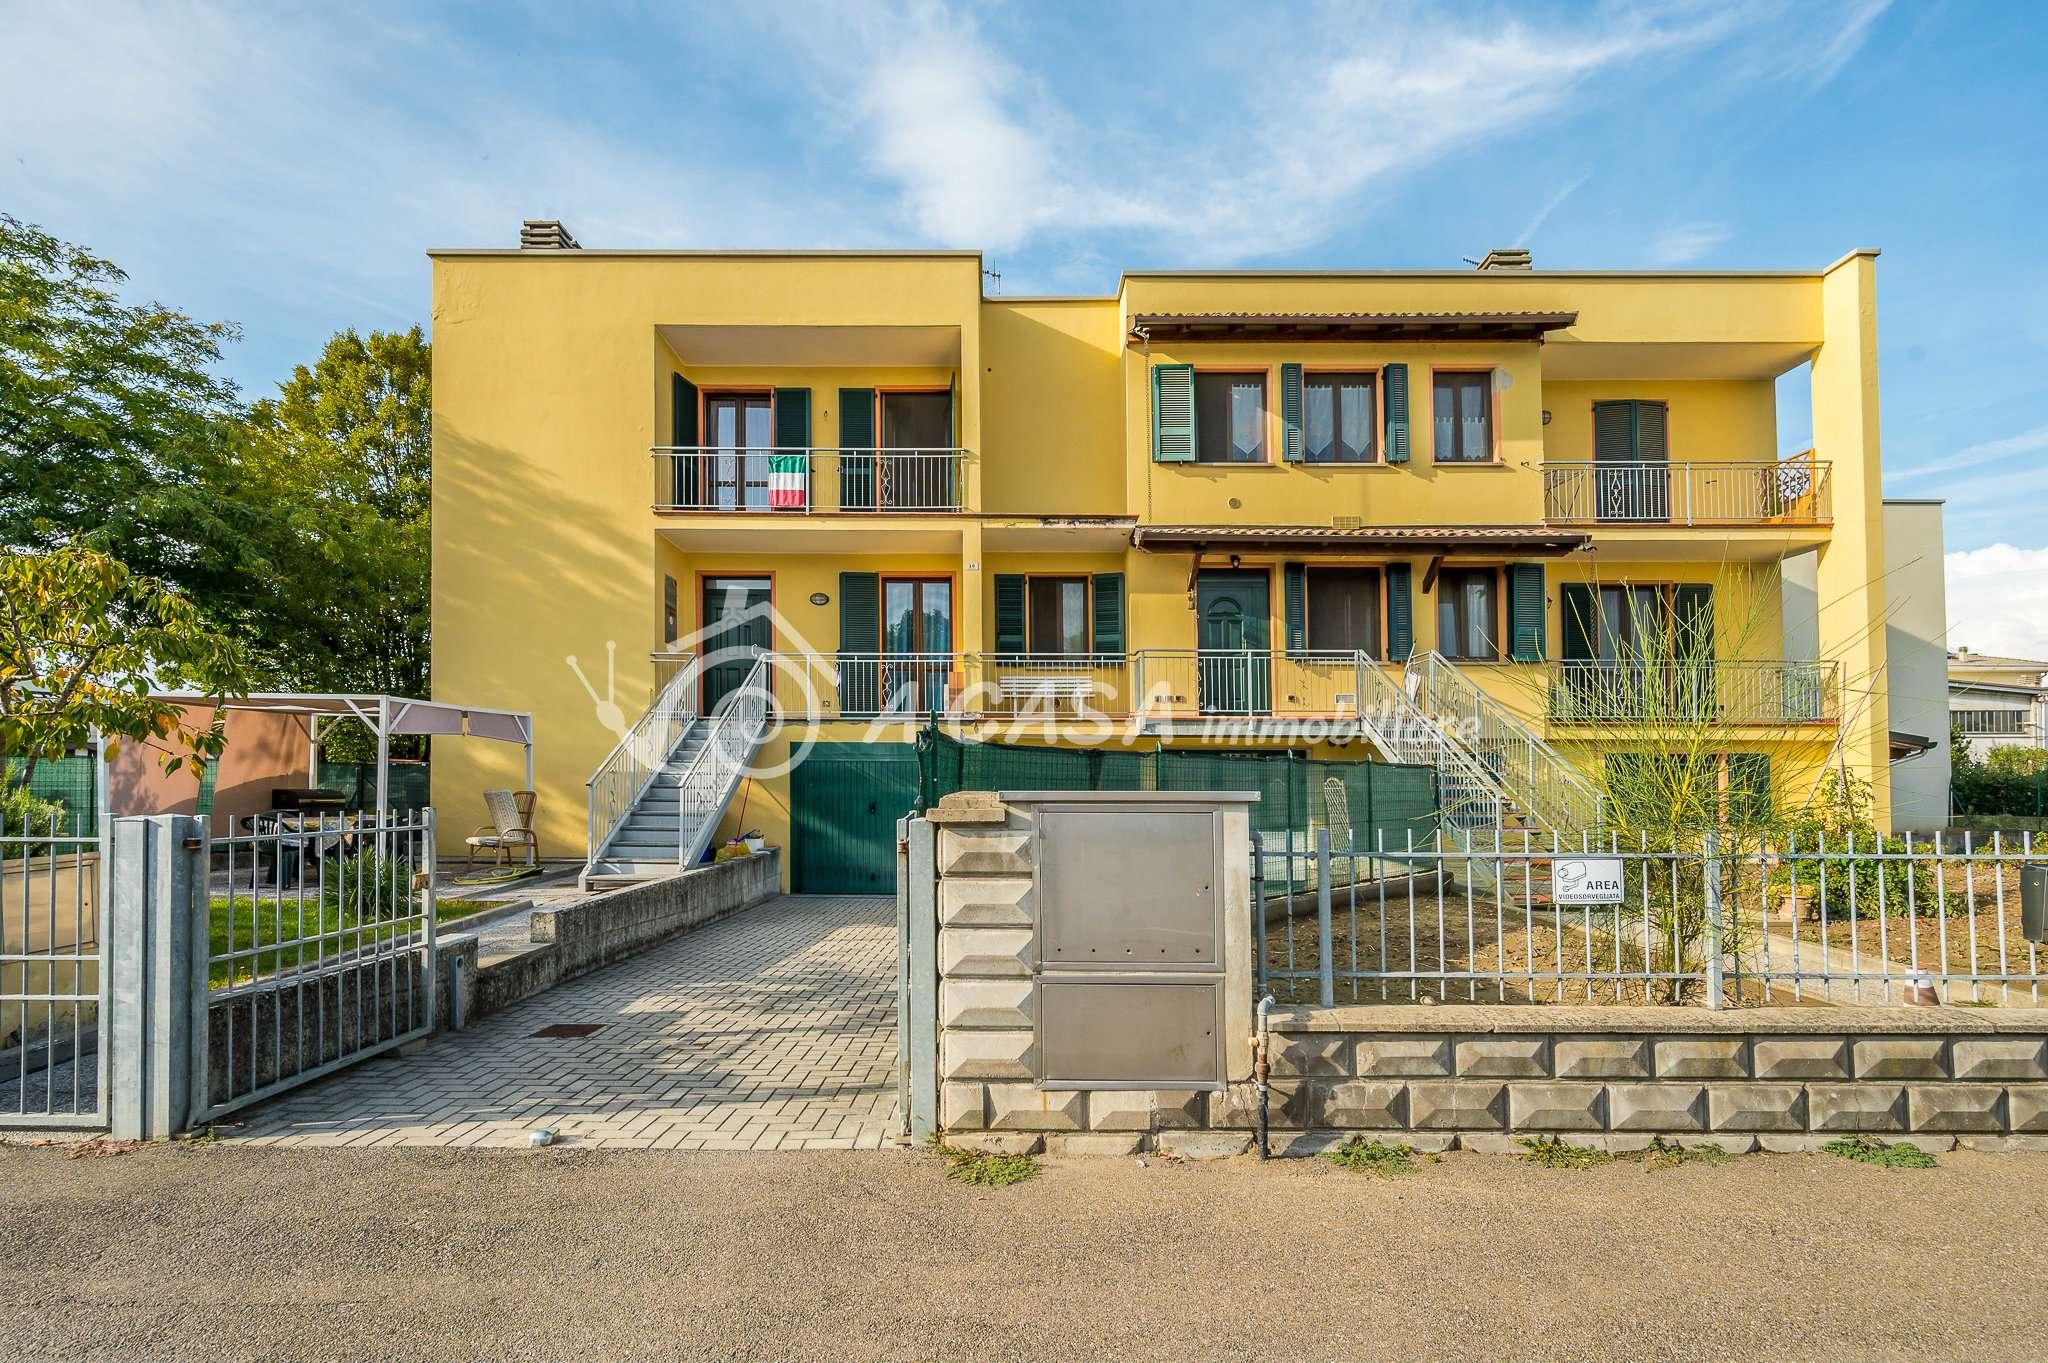 Soluzione Semindipendente in vendita a Fontanellato, 4 locali, prezzo € 215.000 | CambioCasa.it